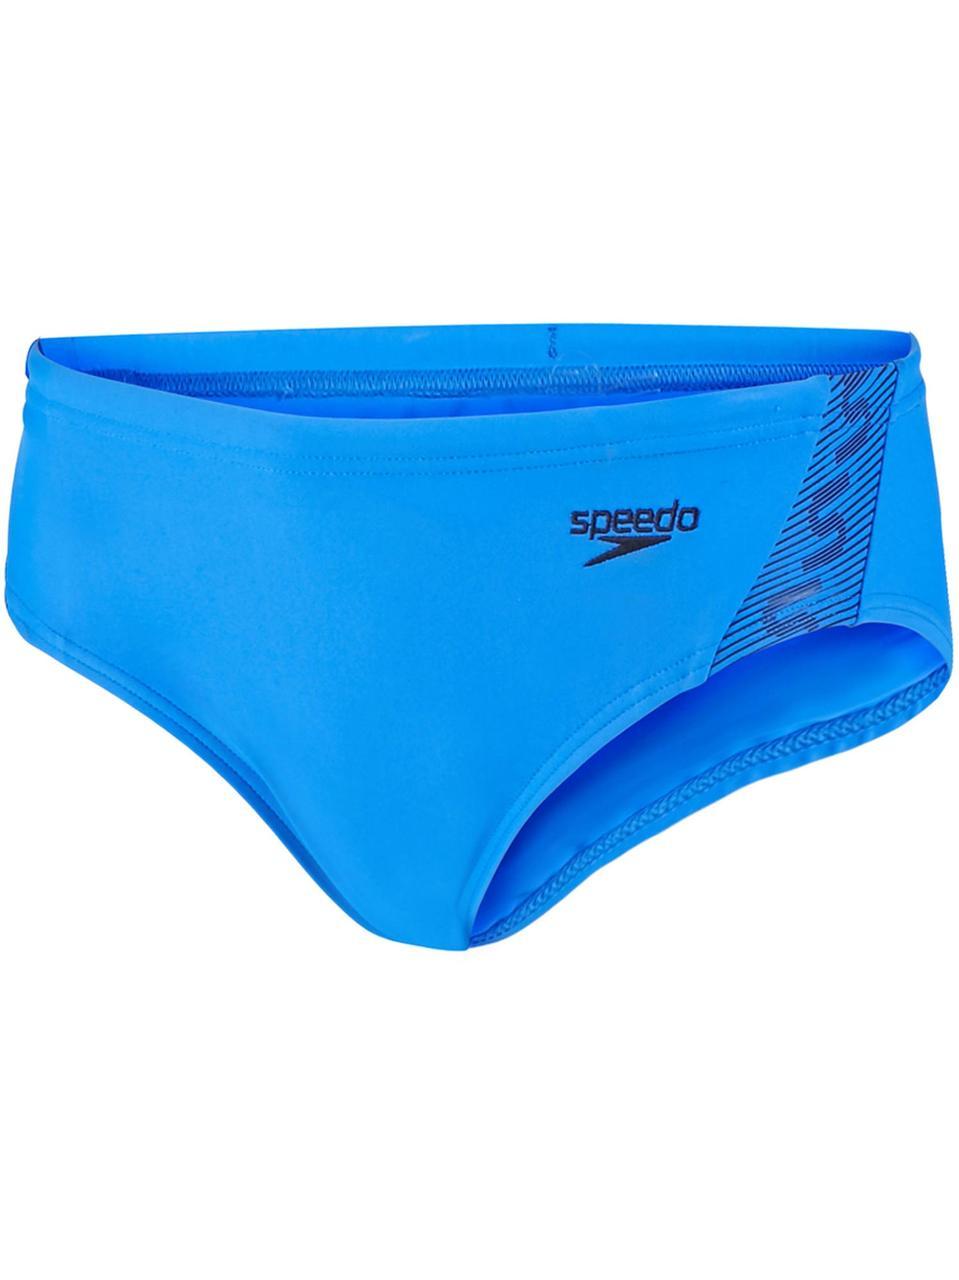 Детские плавки Speedo Endurance Monogram 6.5cm (голубые) - Оригинал